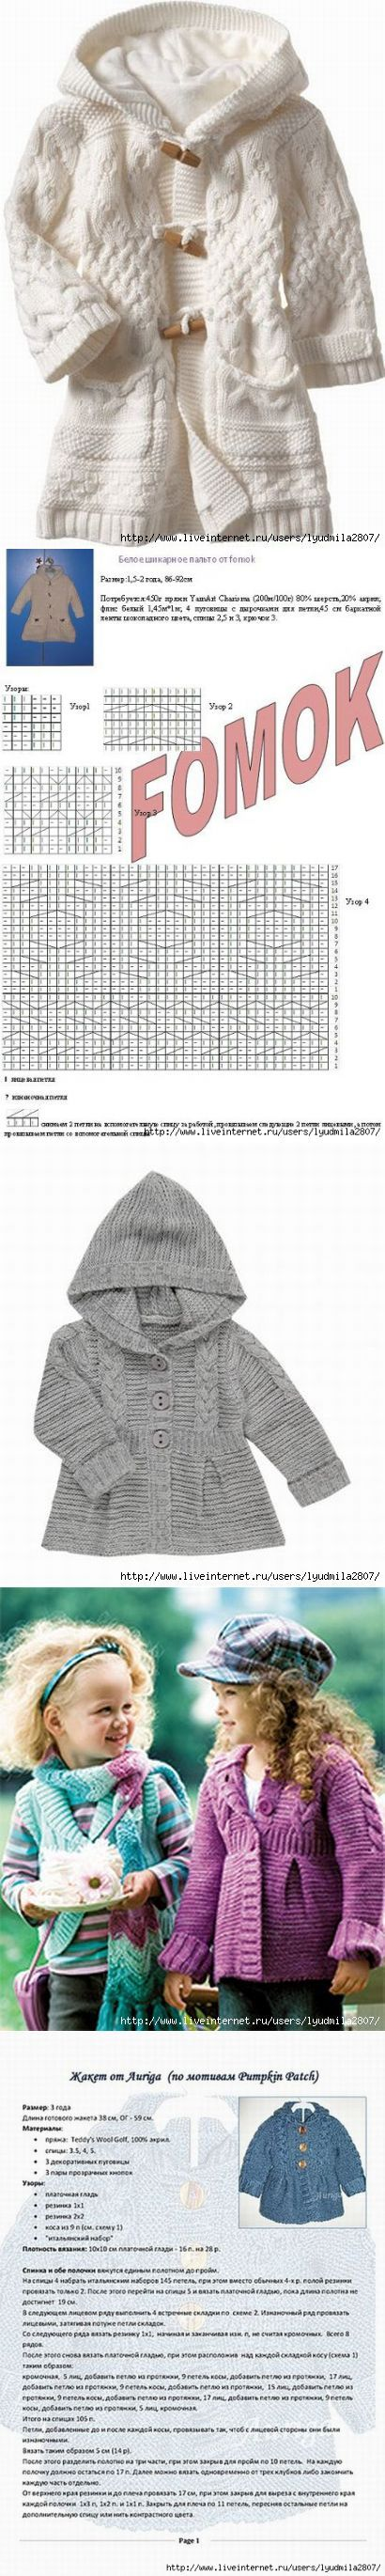 Детское платье, пальто спицами | Записи в рубрике Детское платье, пальто спицами | Дневник Lyudmila2807